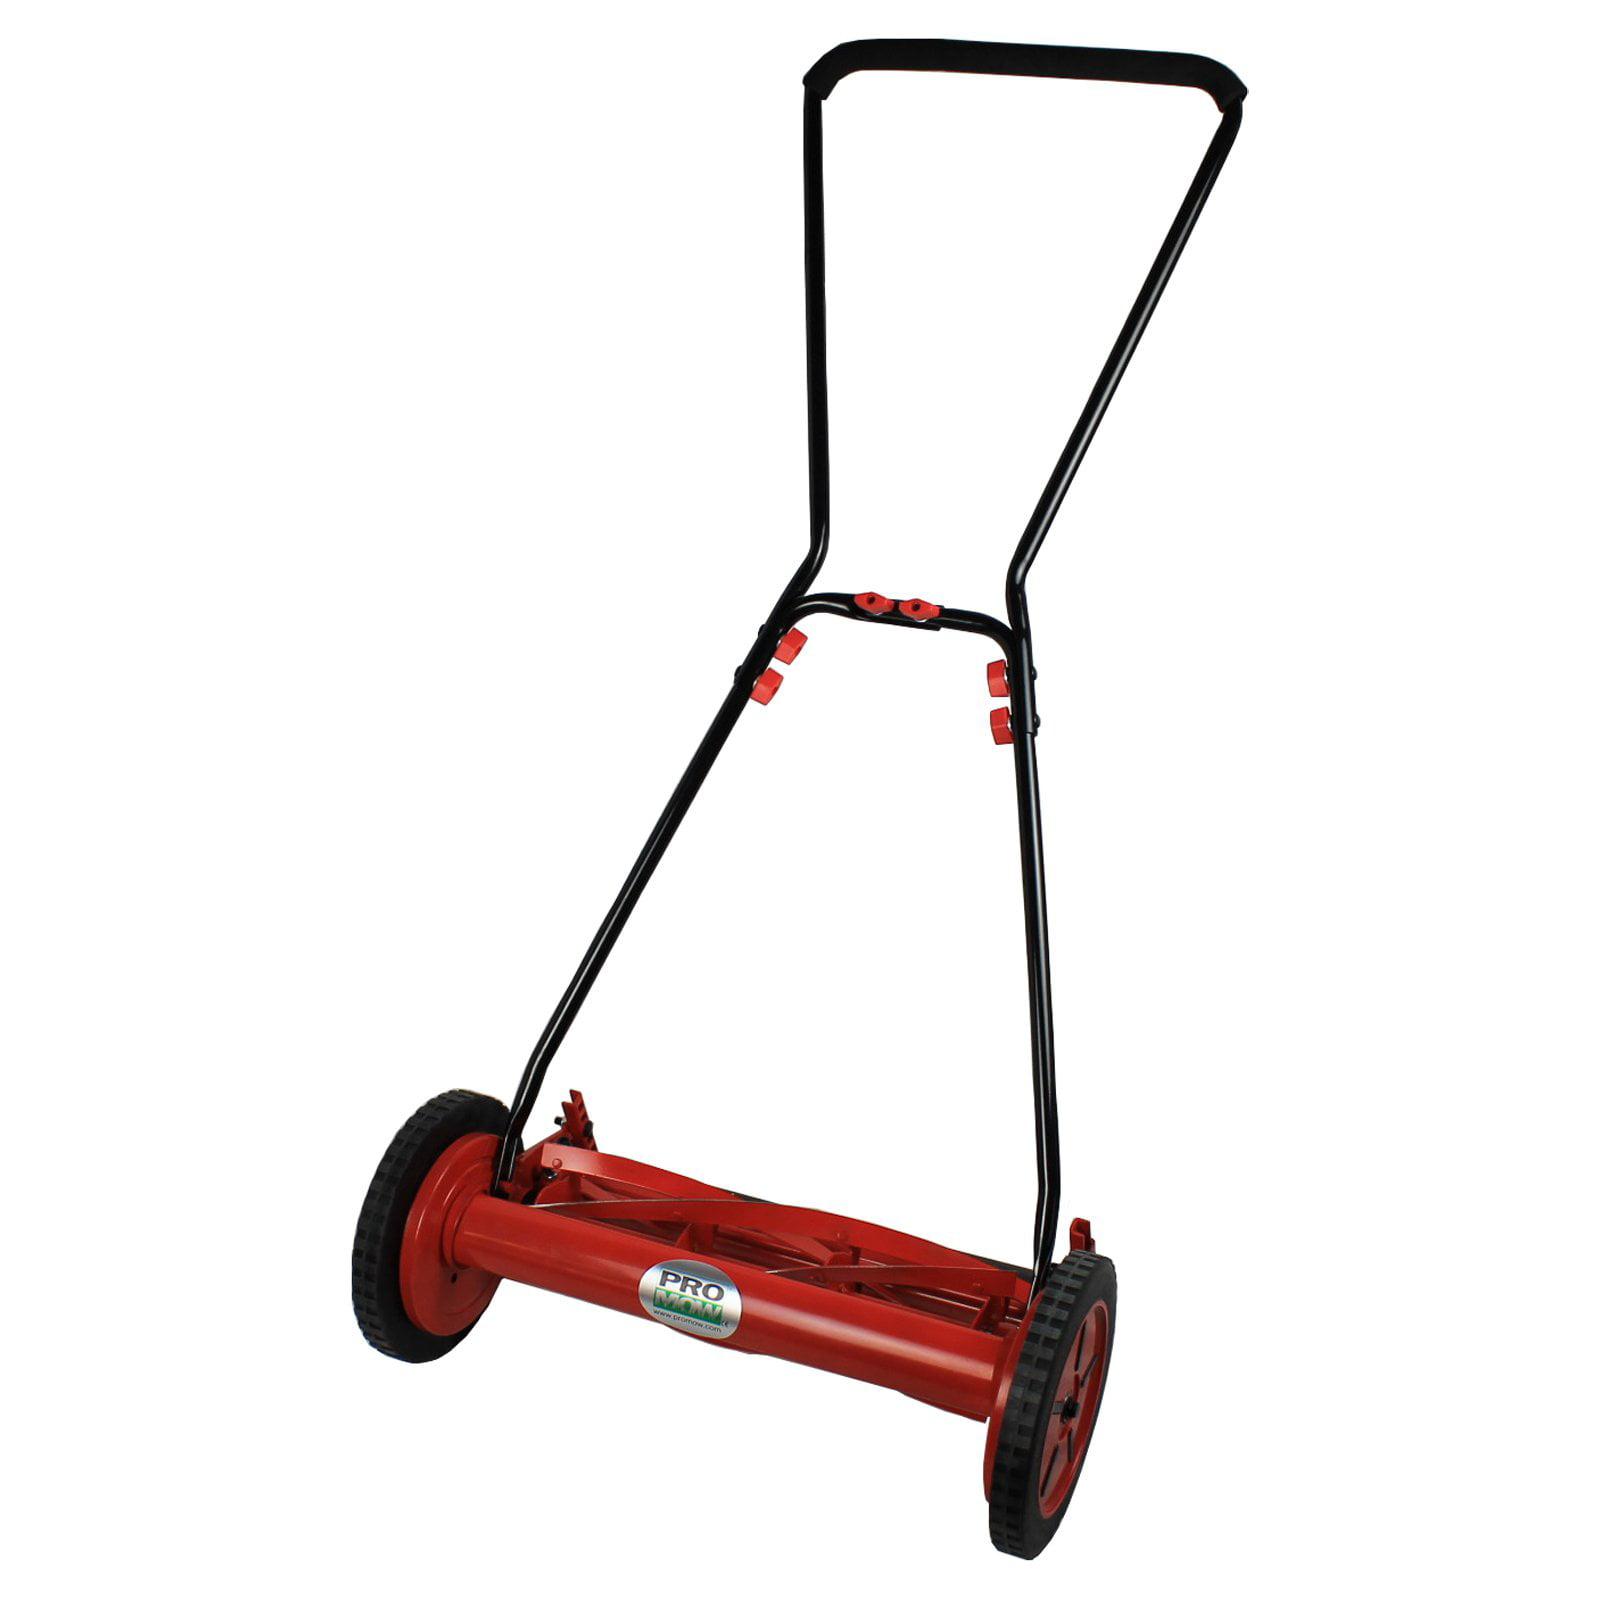 w 18 in. Reel Push Mower